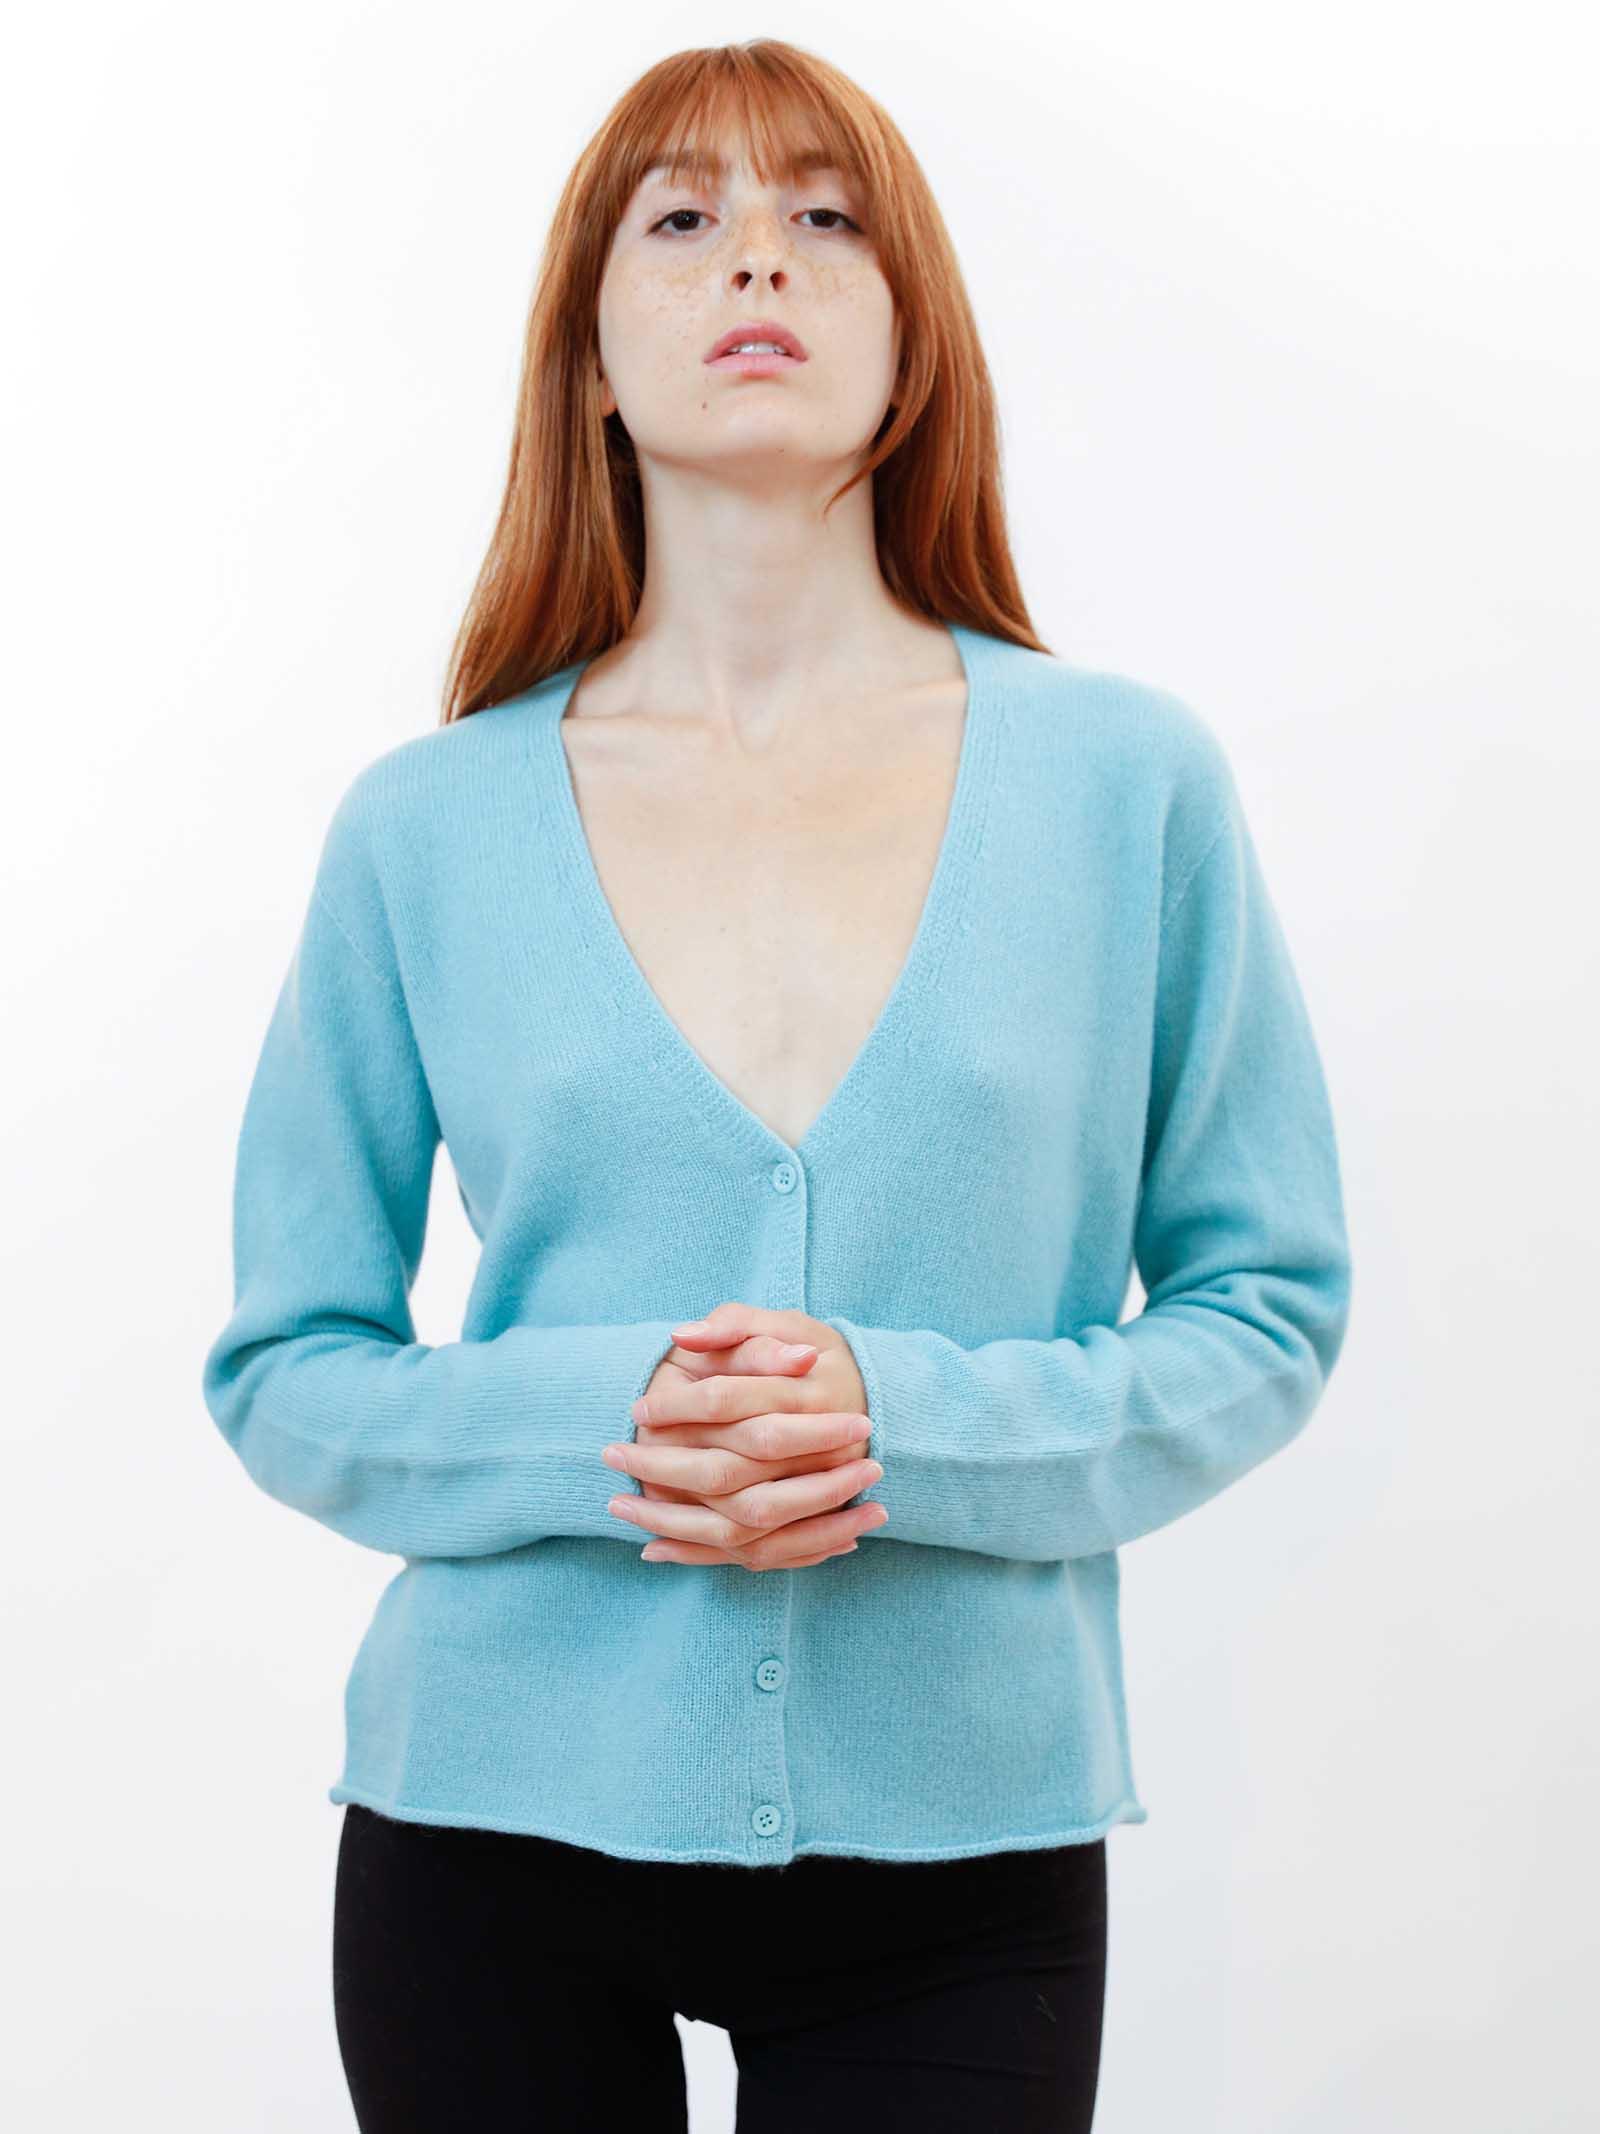 Women's Clothing Soft Cashemire Green Cardigan with Matching Buttons  Maliparmi | Knitwear | JN35757045760012